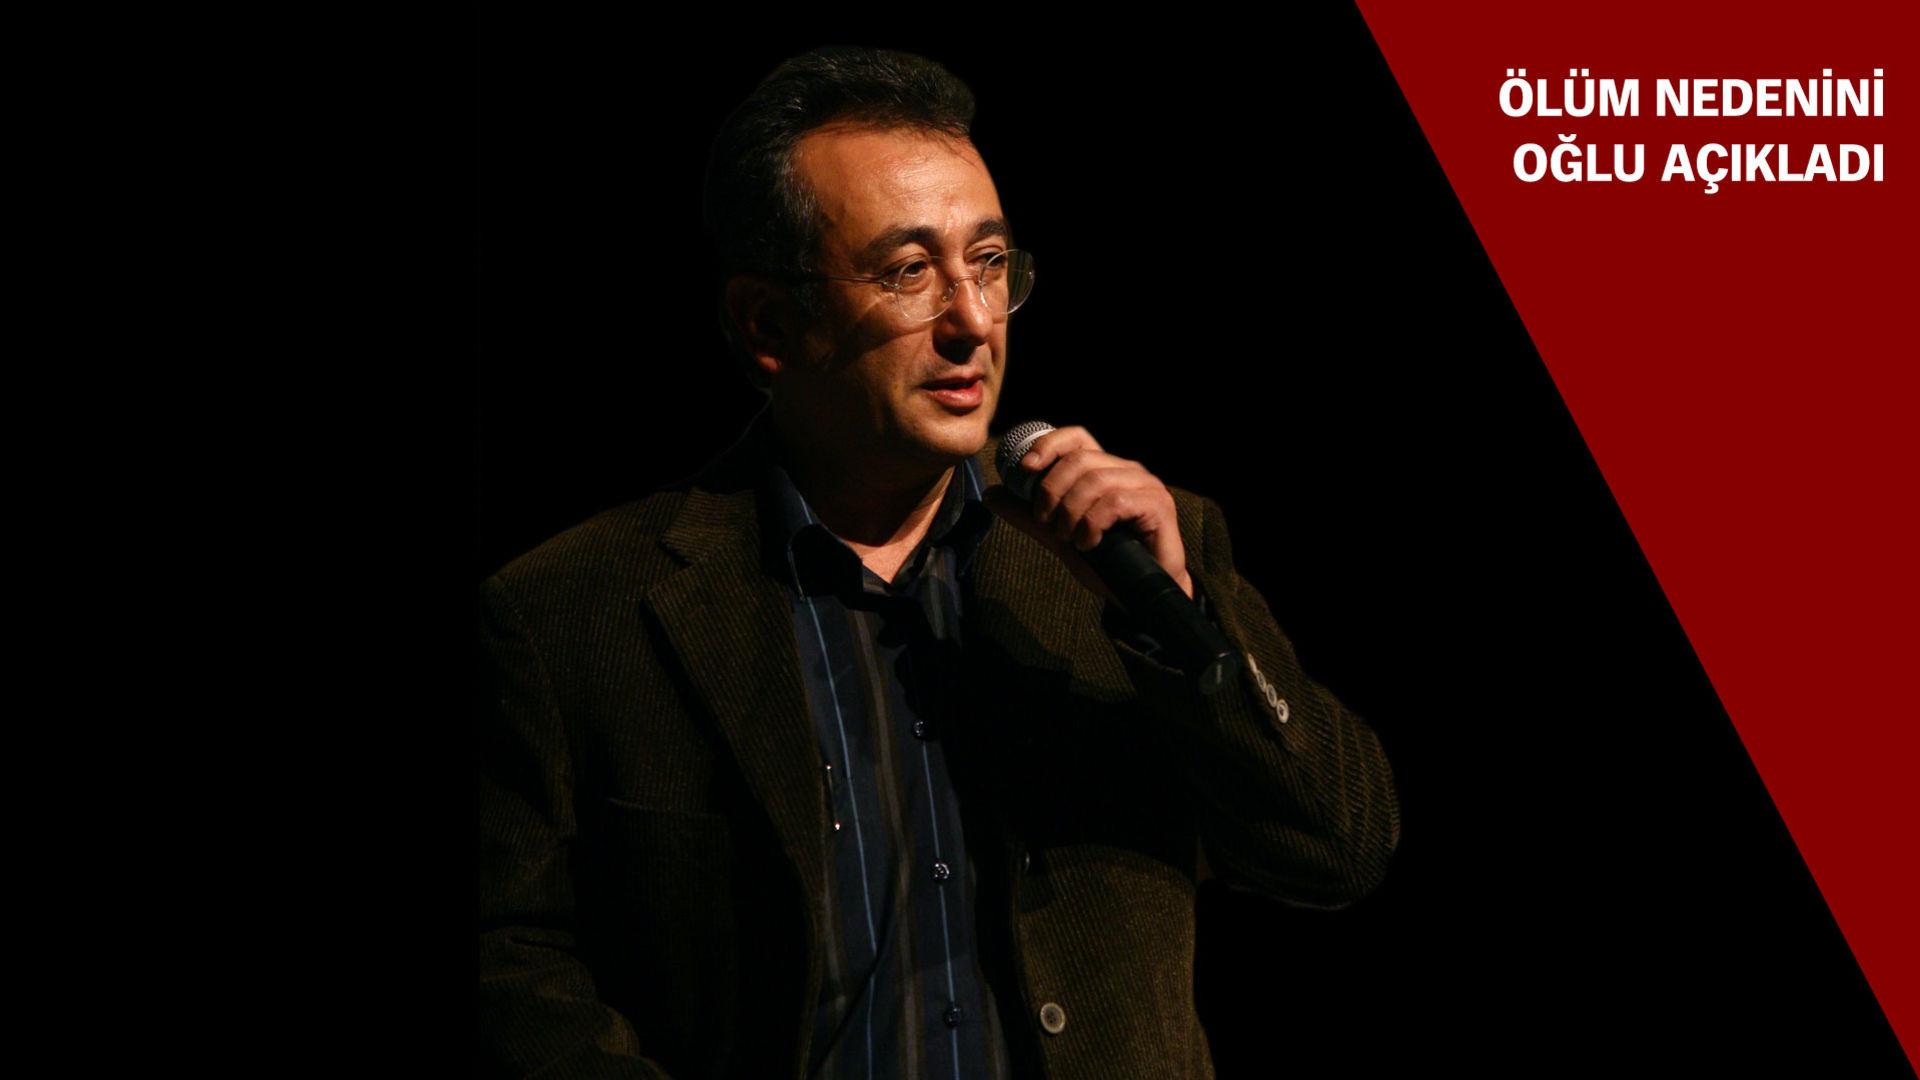 Tayfun Talipoğlu Hayatını Kaybetti Izmirde ölen Talipoğlu 55